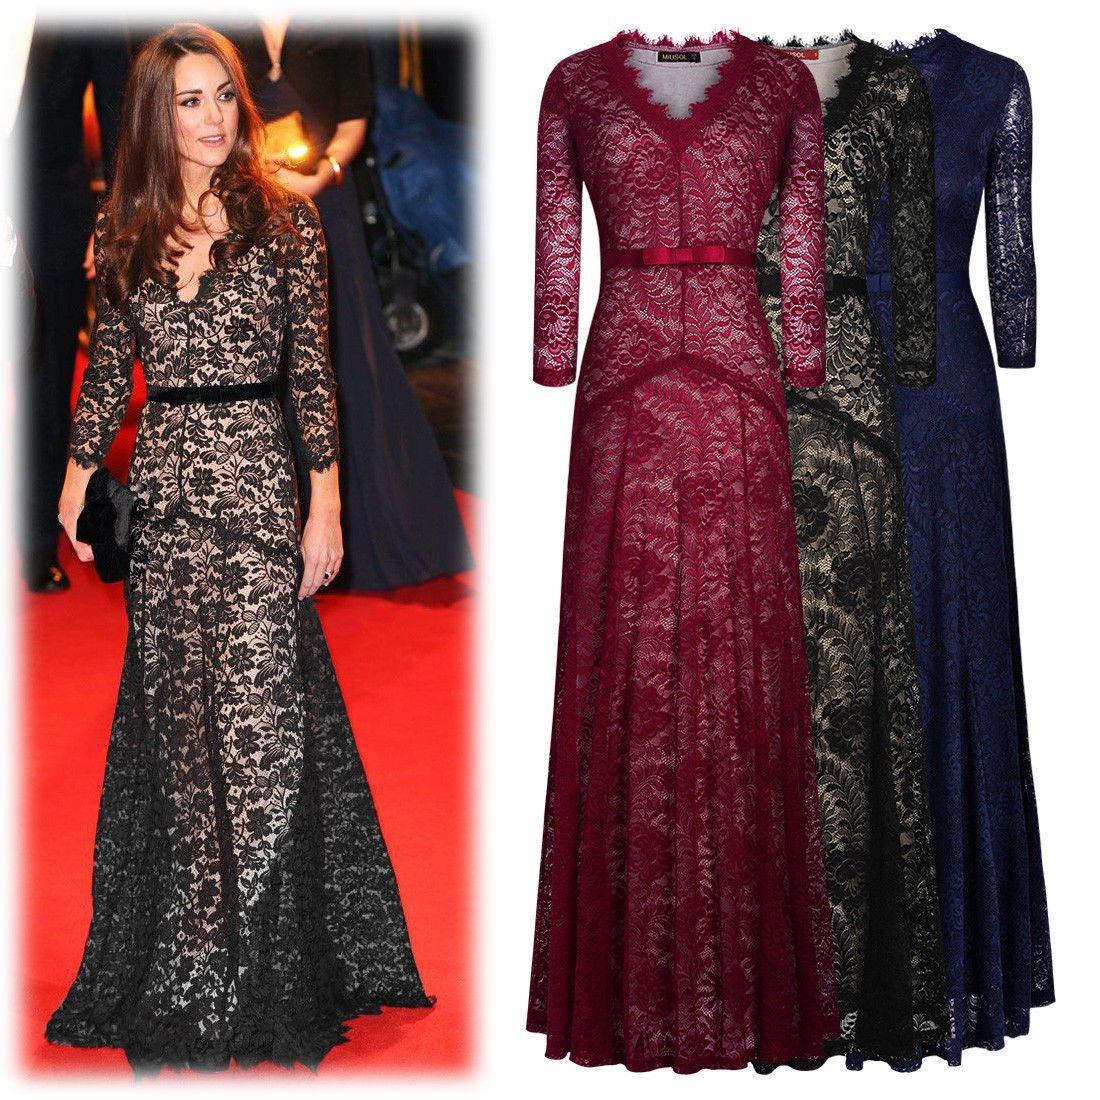 17 Spektakulär Ebay Abendkleid Lang Spezialgebiet17 Schön Ebay Abendkleid Lang Bester Preis